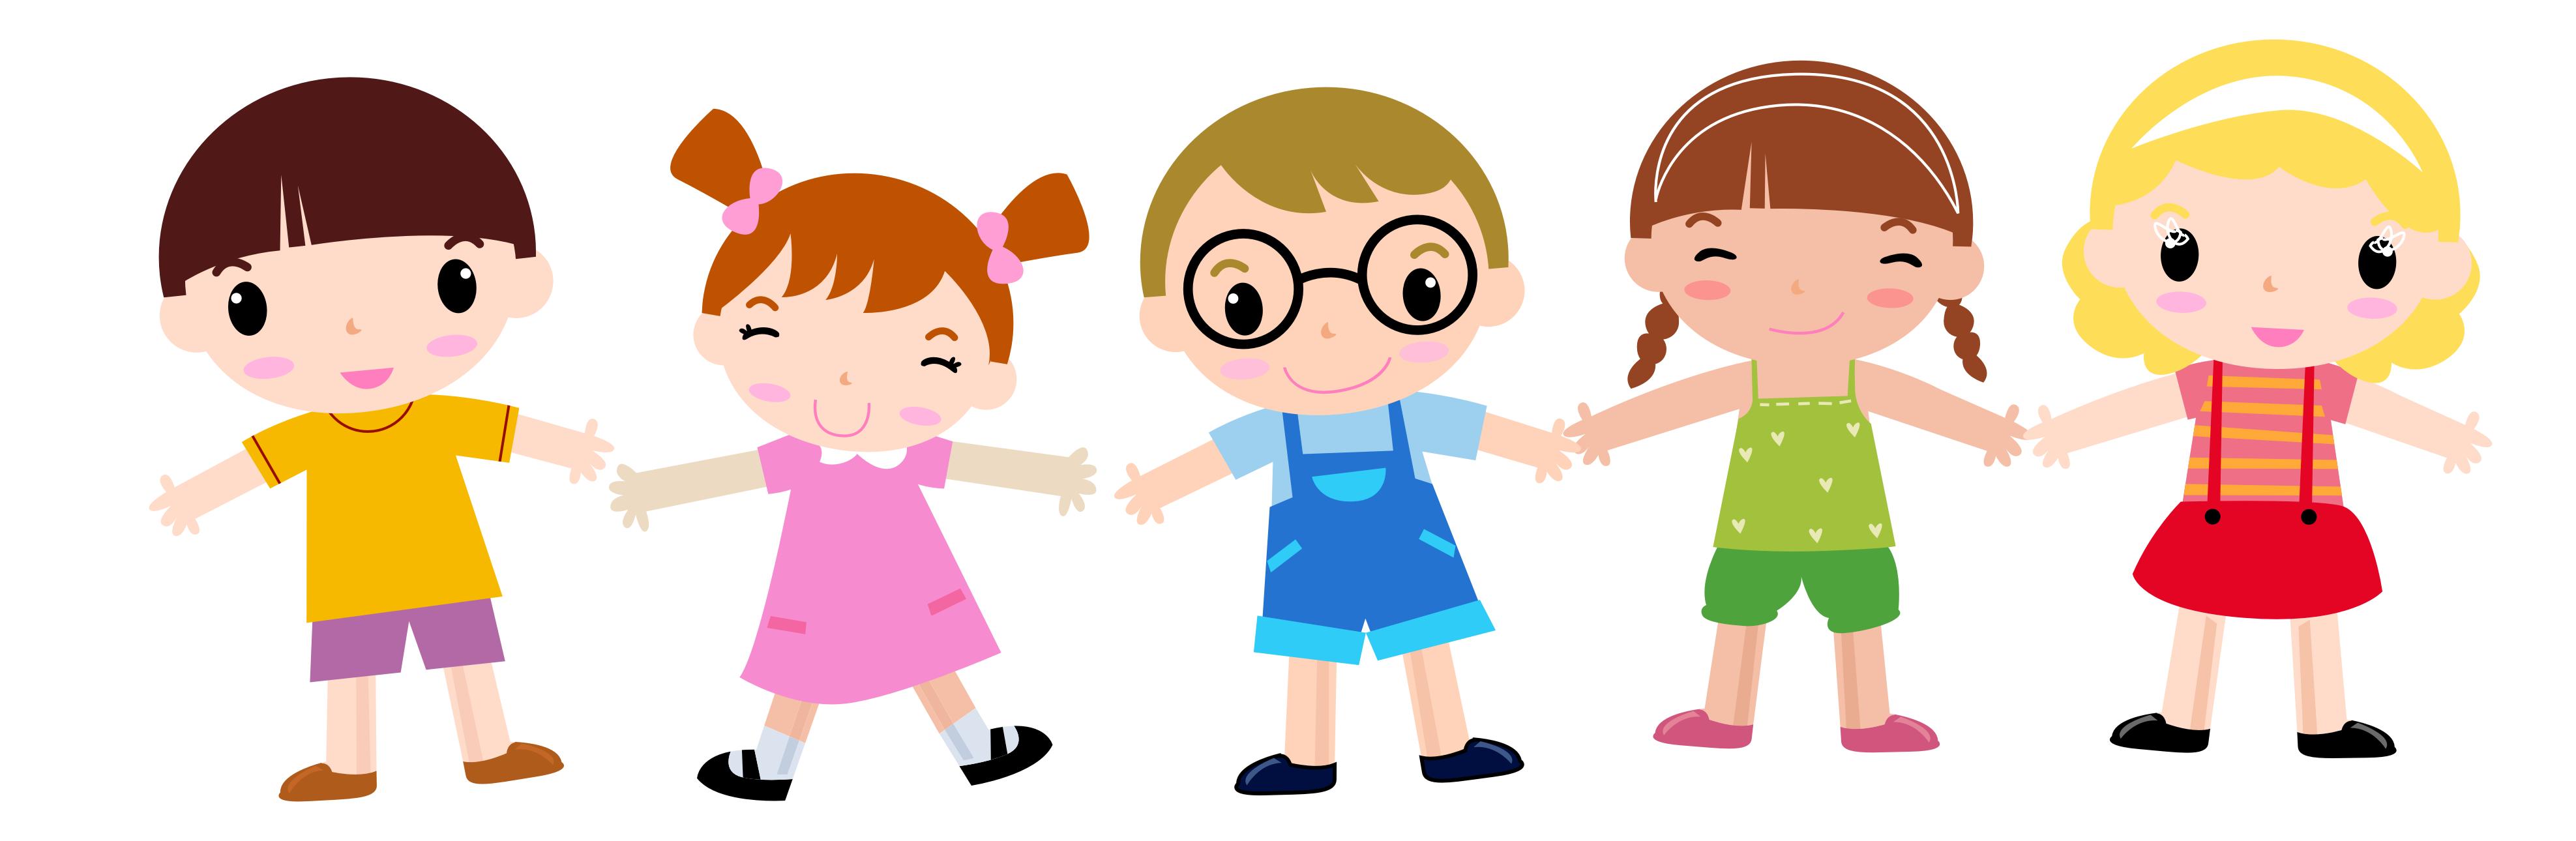 Клипарт картинки для детей на прозрачном фоне